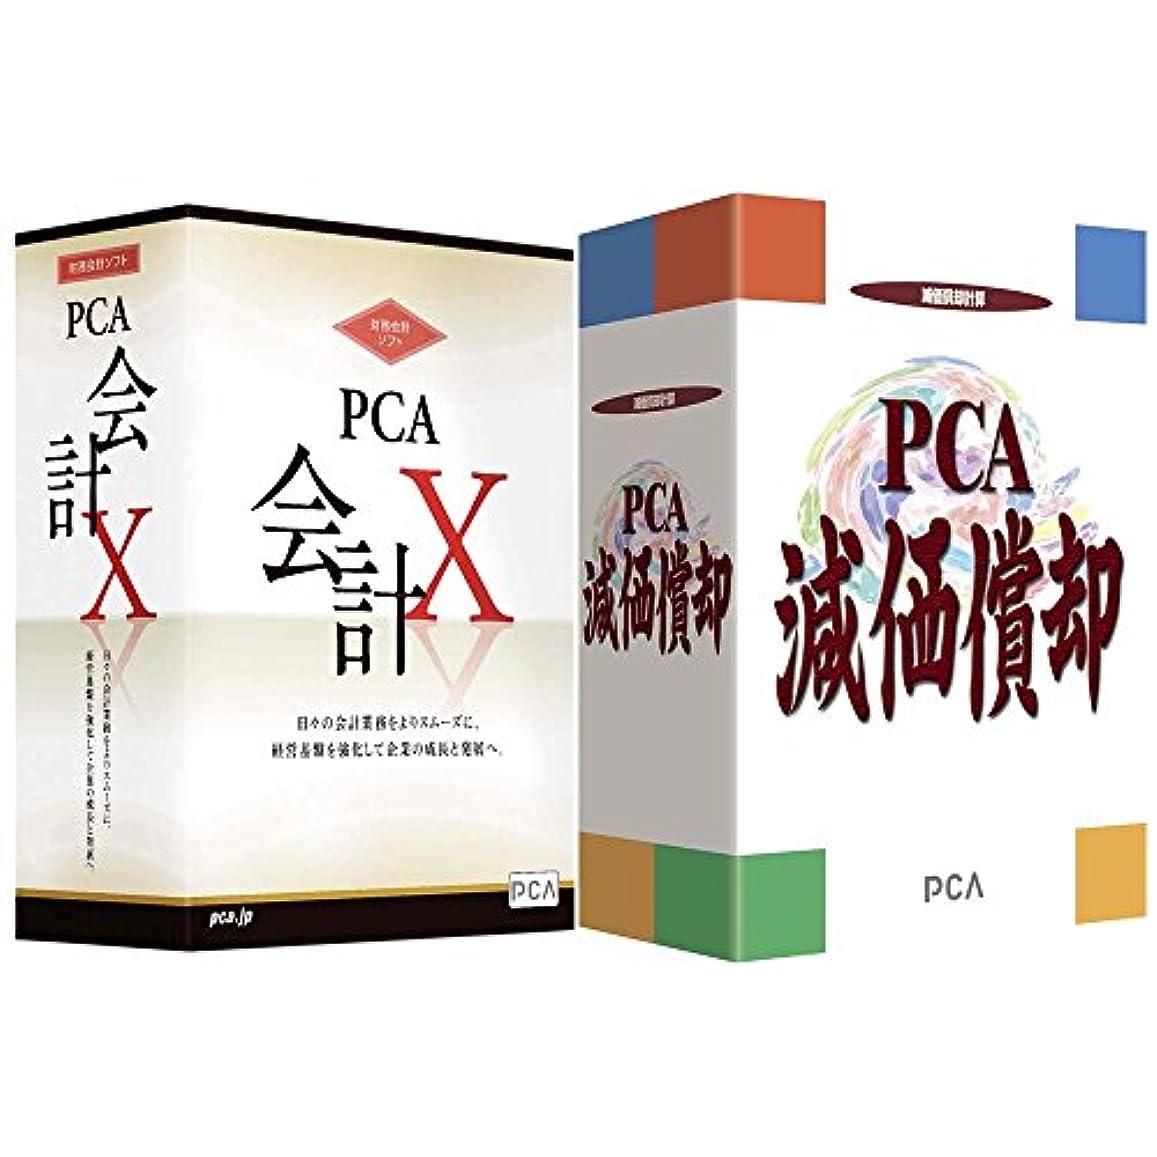 バレーボールパケット禁輸PCA会計X?減価償却V.3セット for SQL 10クライアント